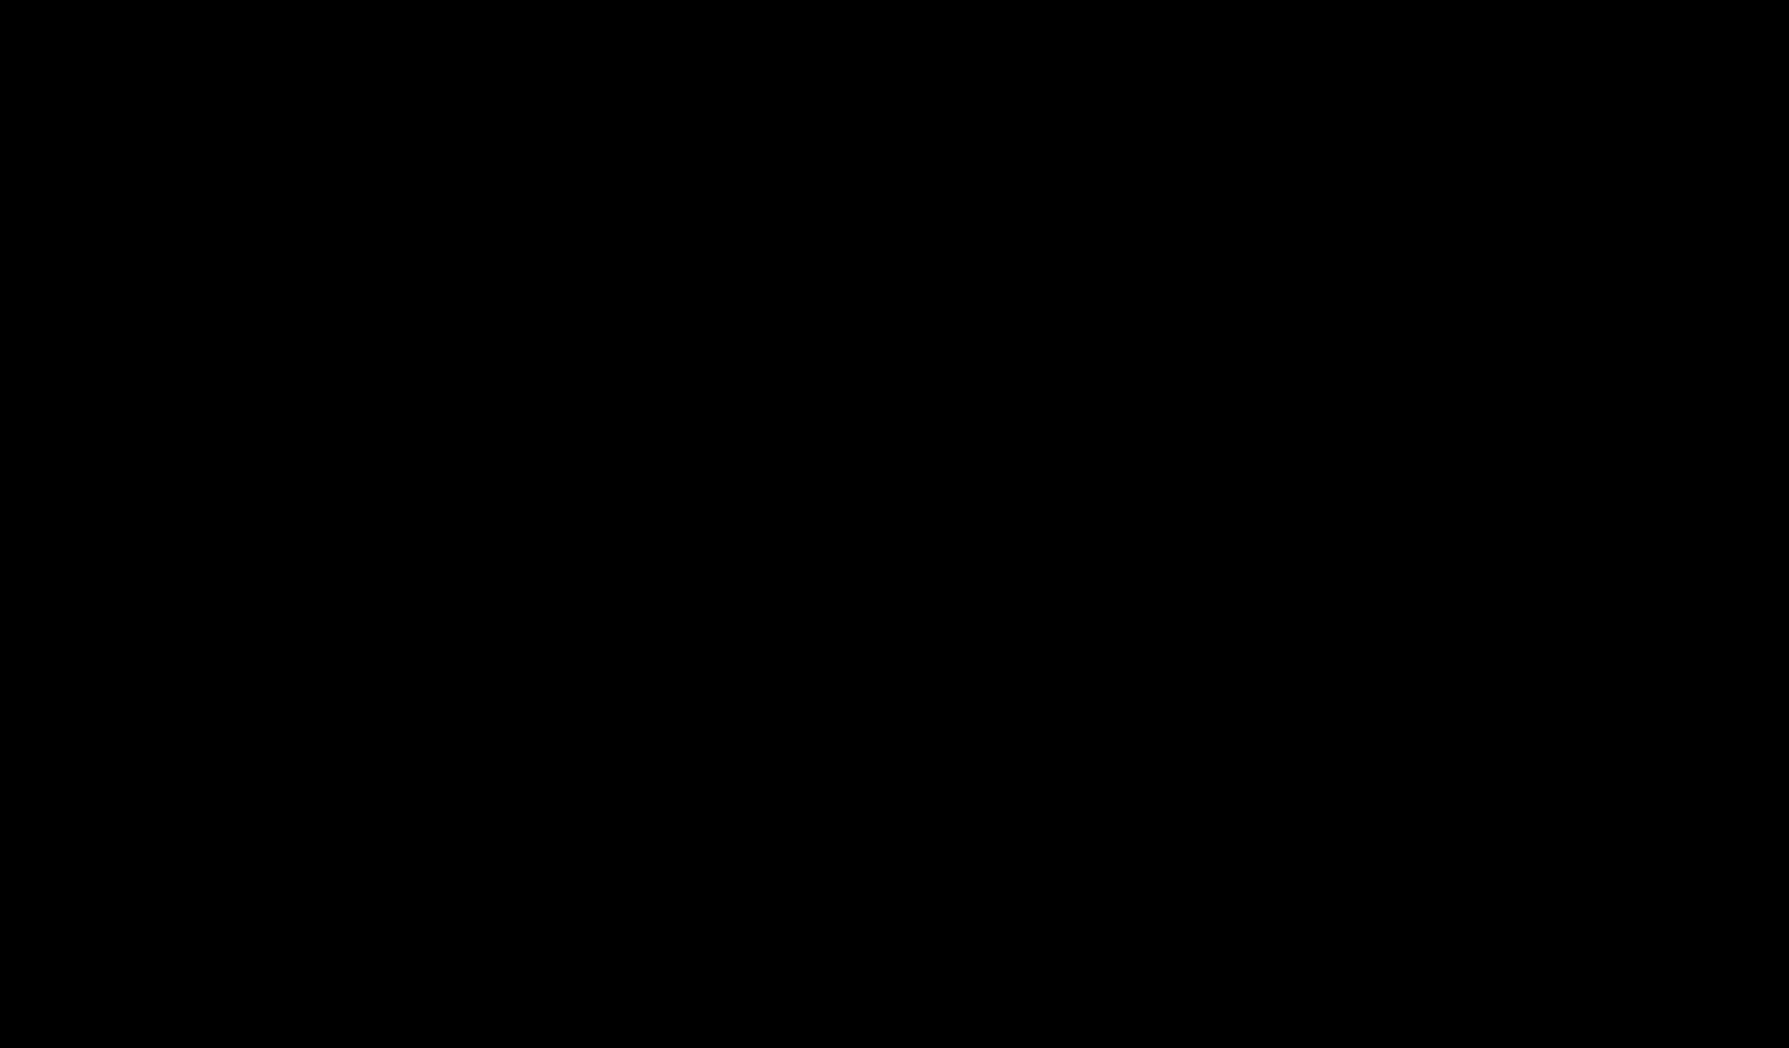 NHS-dPEG®₄-(m-dPEG®₁₂)₃-ester